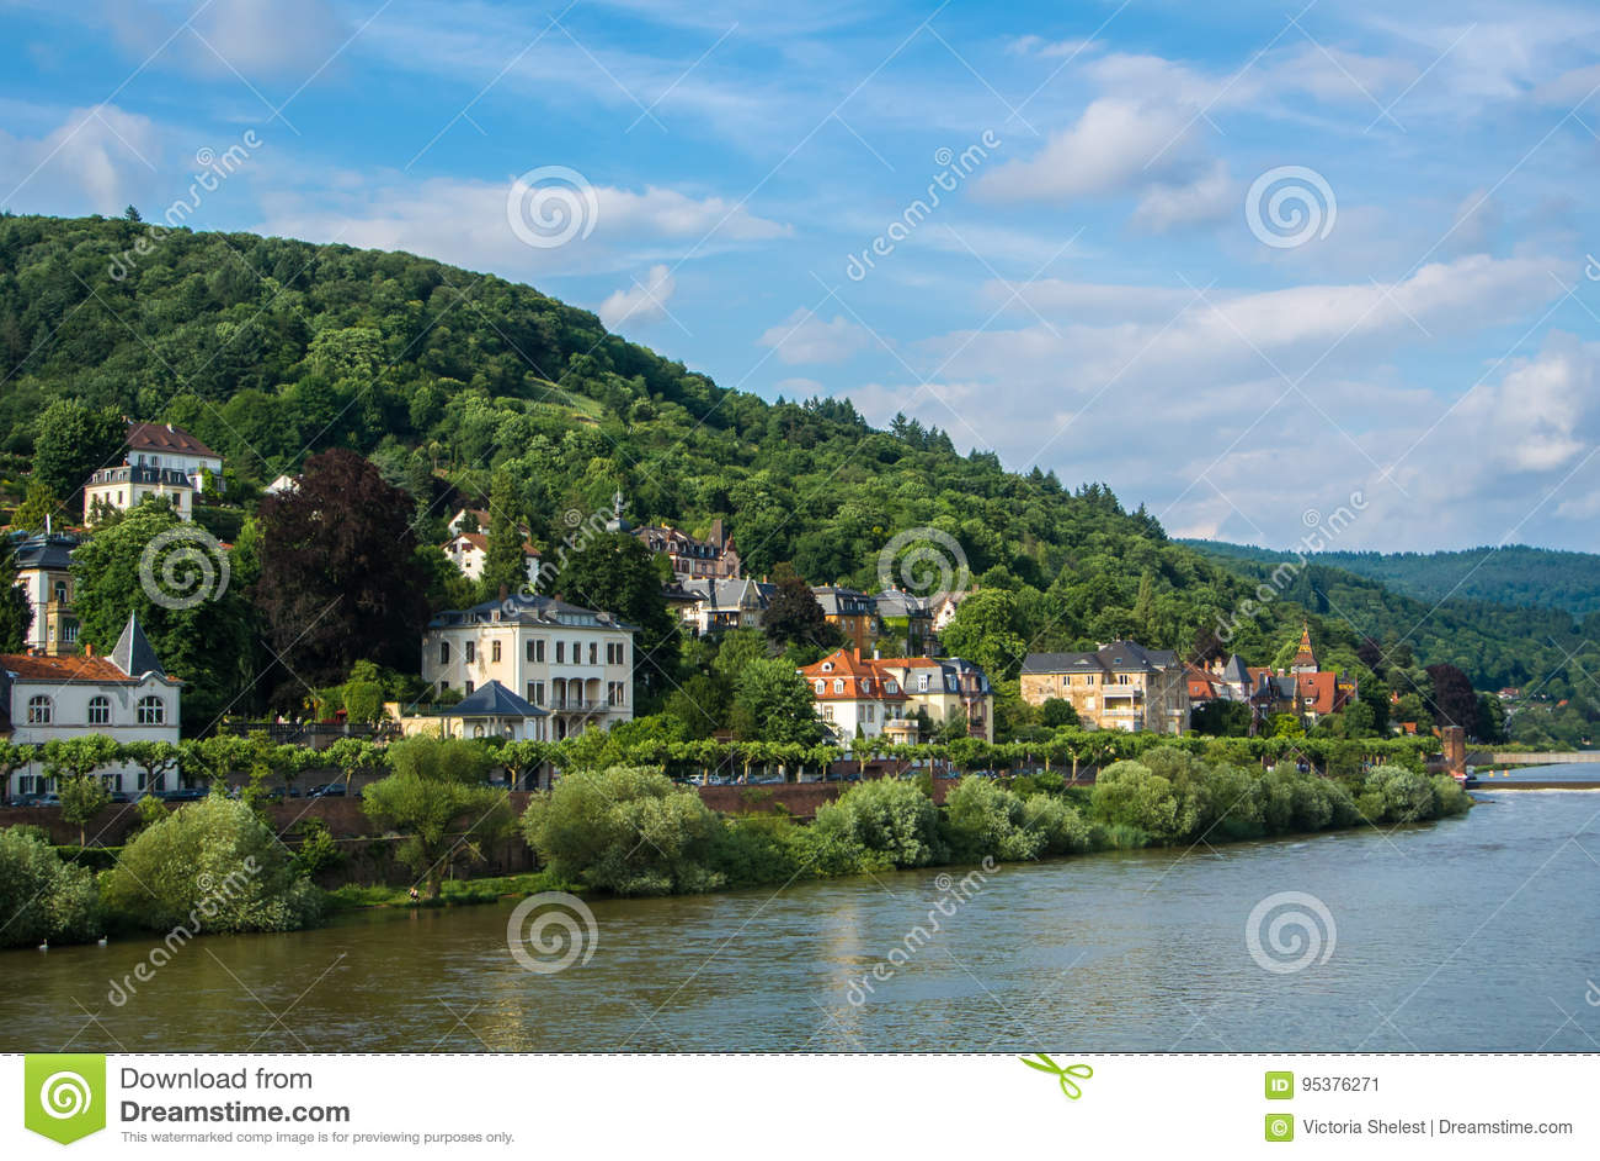 Plenty of residential houses at the hillside at the embankment of Neckar river at the center of Heidelberg